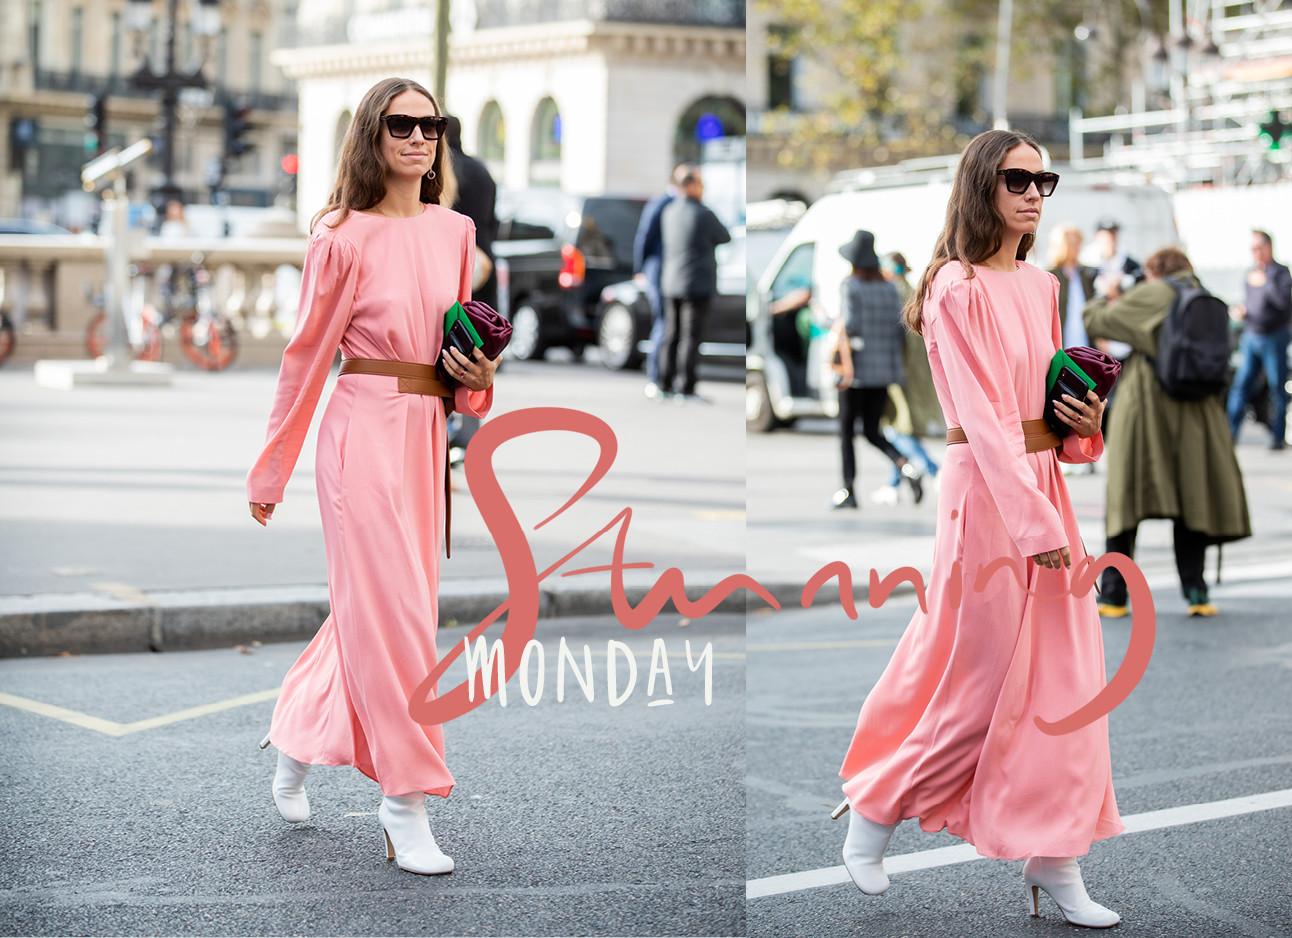 Erika Boldrin in een roze satijnen jurk over straat met witte hakken aan